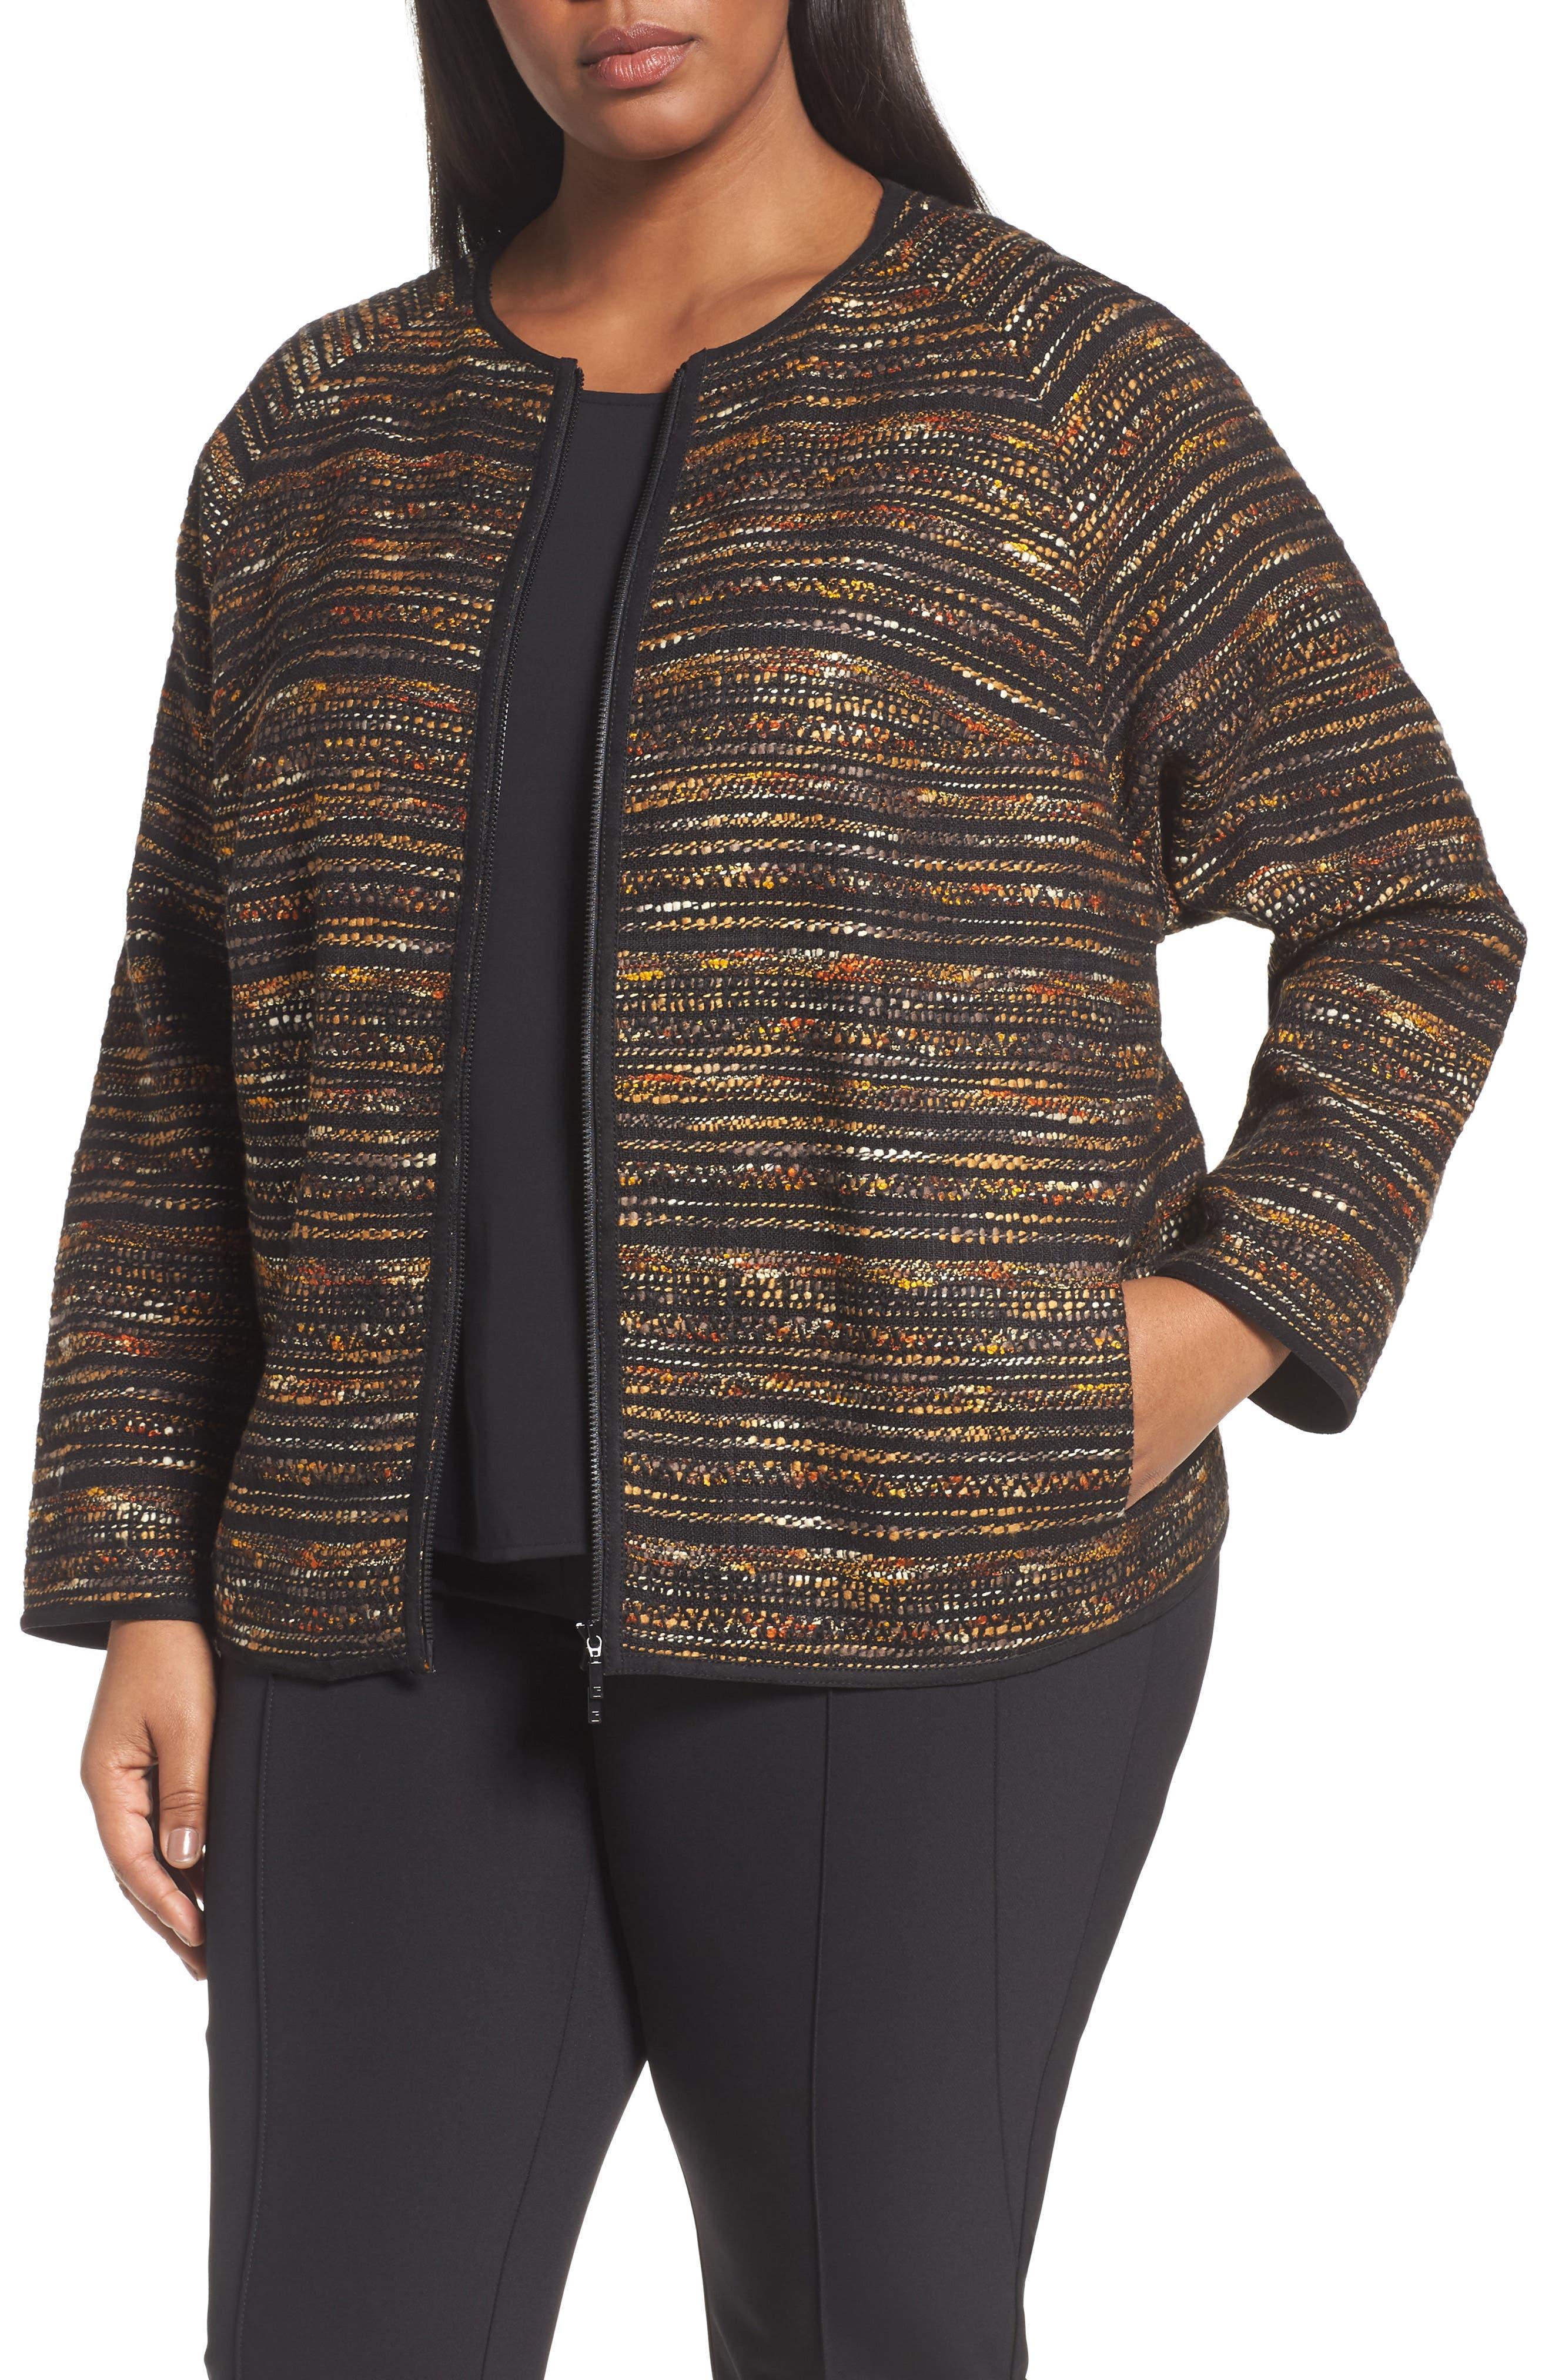 Main Image - Lafayette 148 New York Alexa Tweed Jacket (Plus Size)